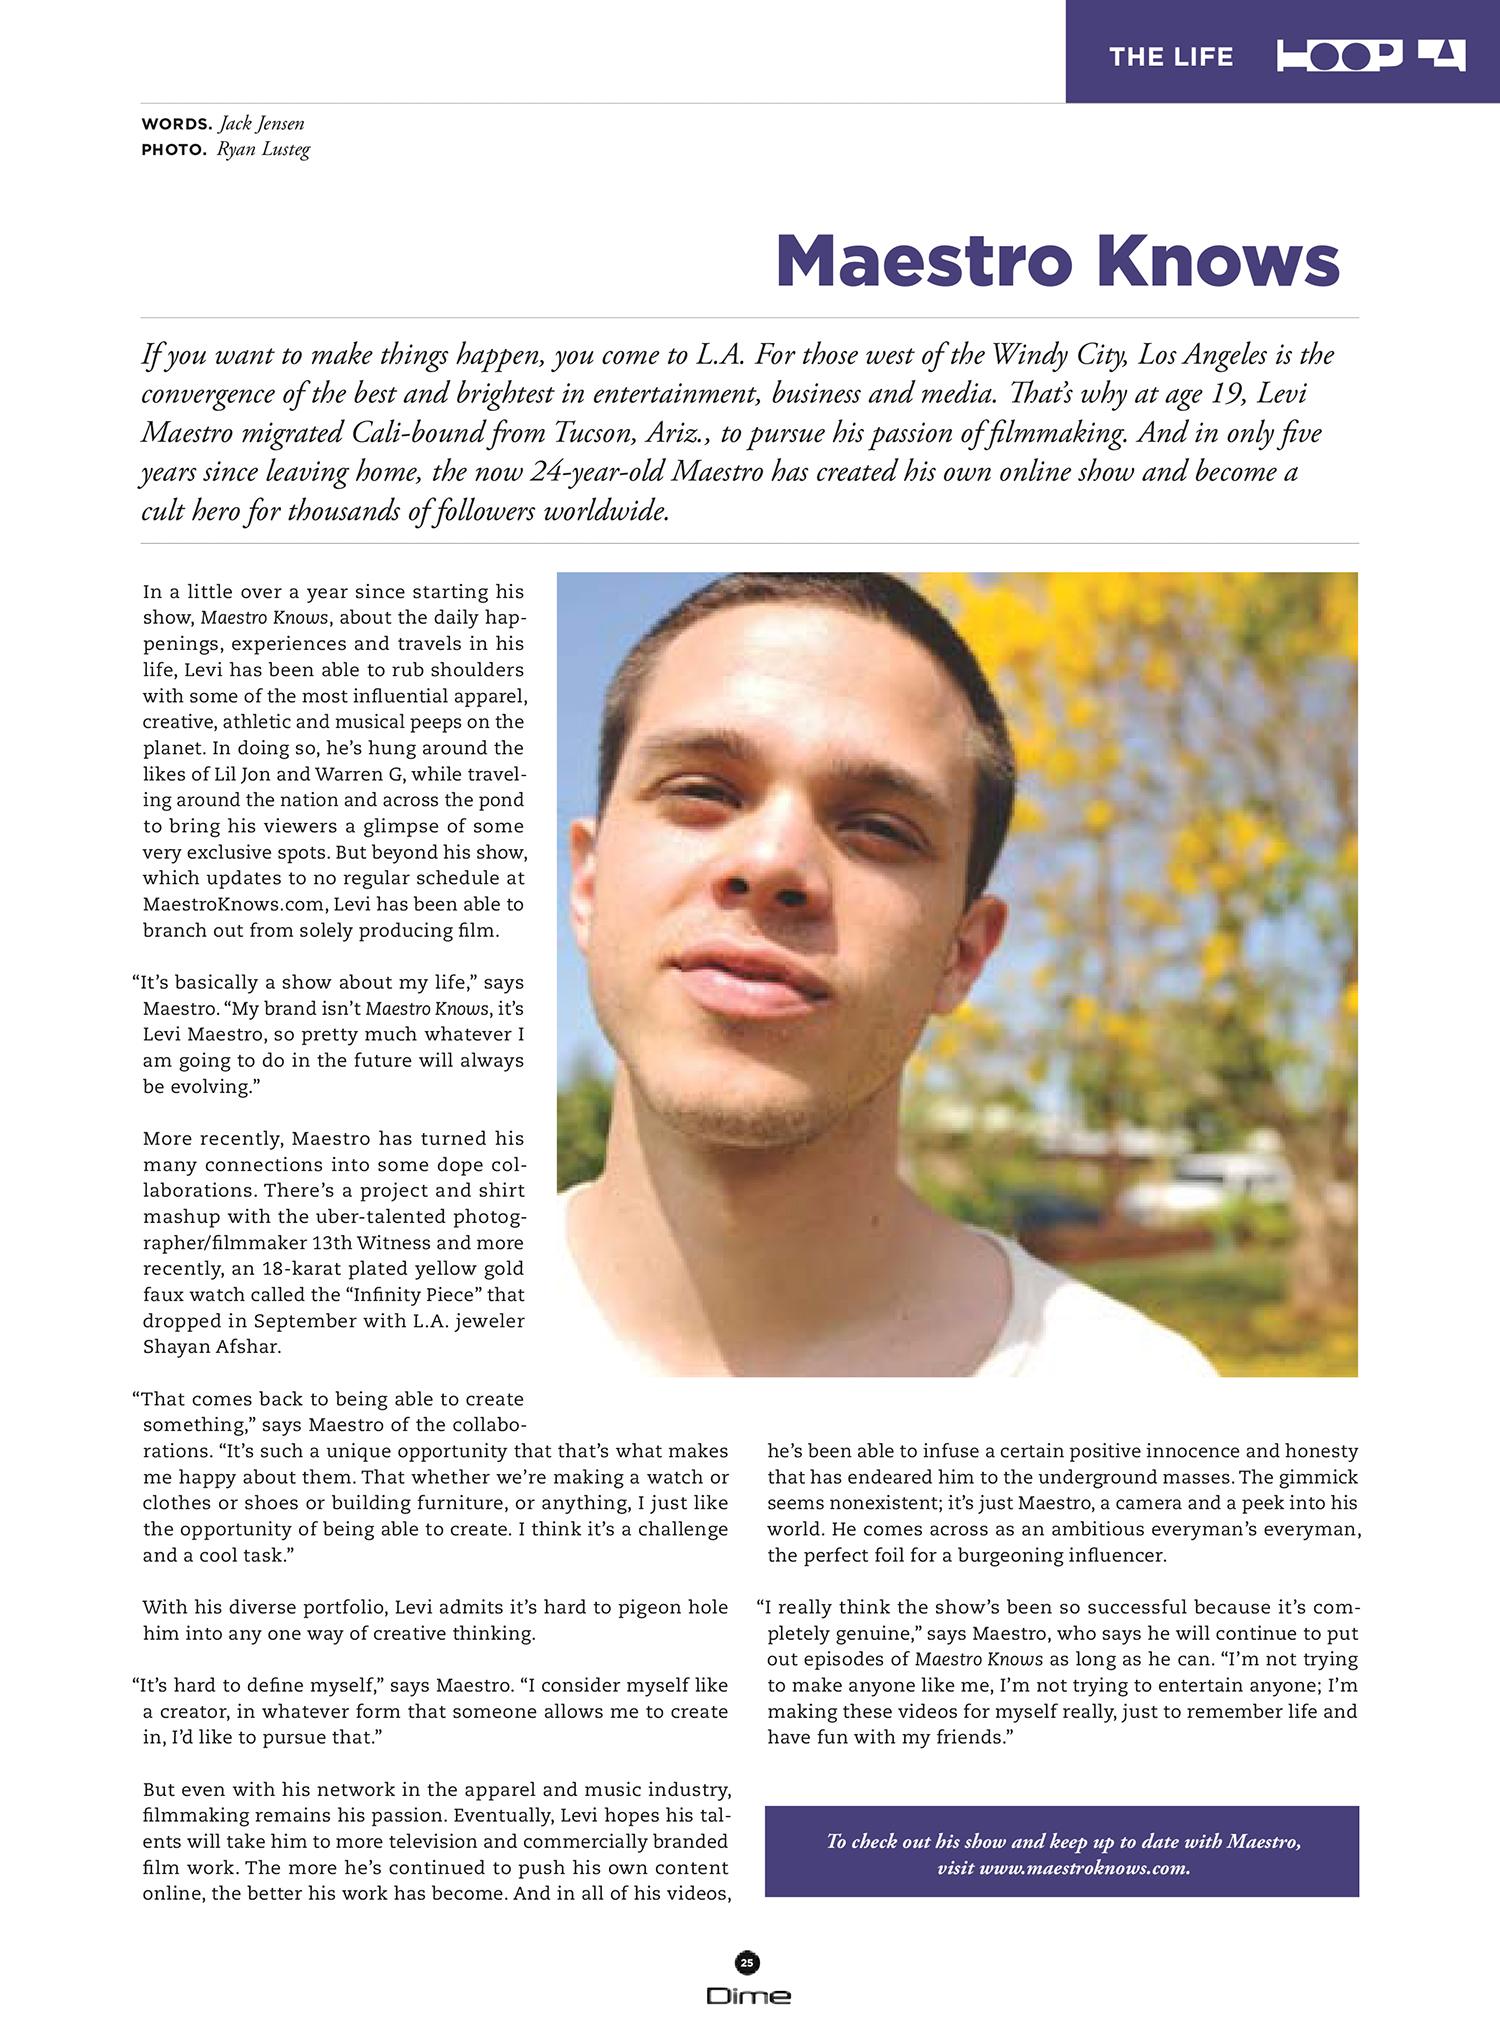 55_levi_maestro_dime_magazine_feature_25.jpg